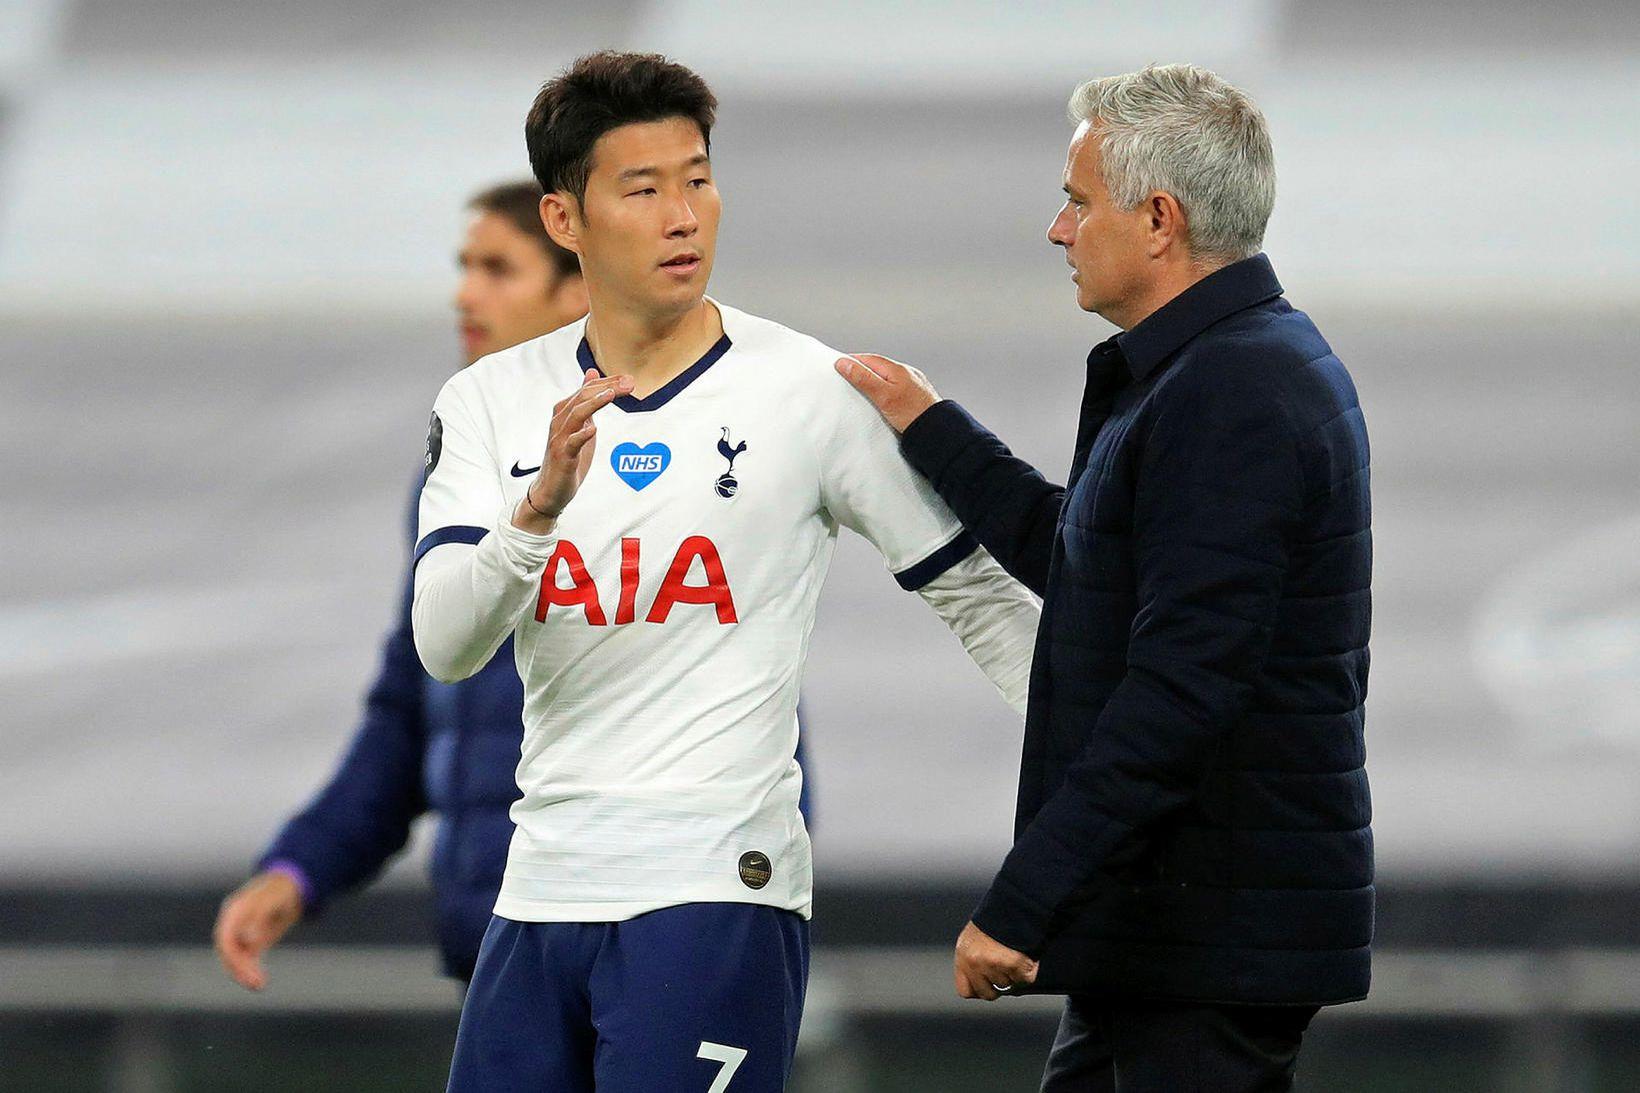 José Mourinho ræðir við Son Heung-min í leikslok.